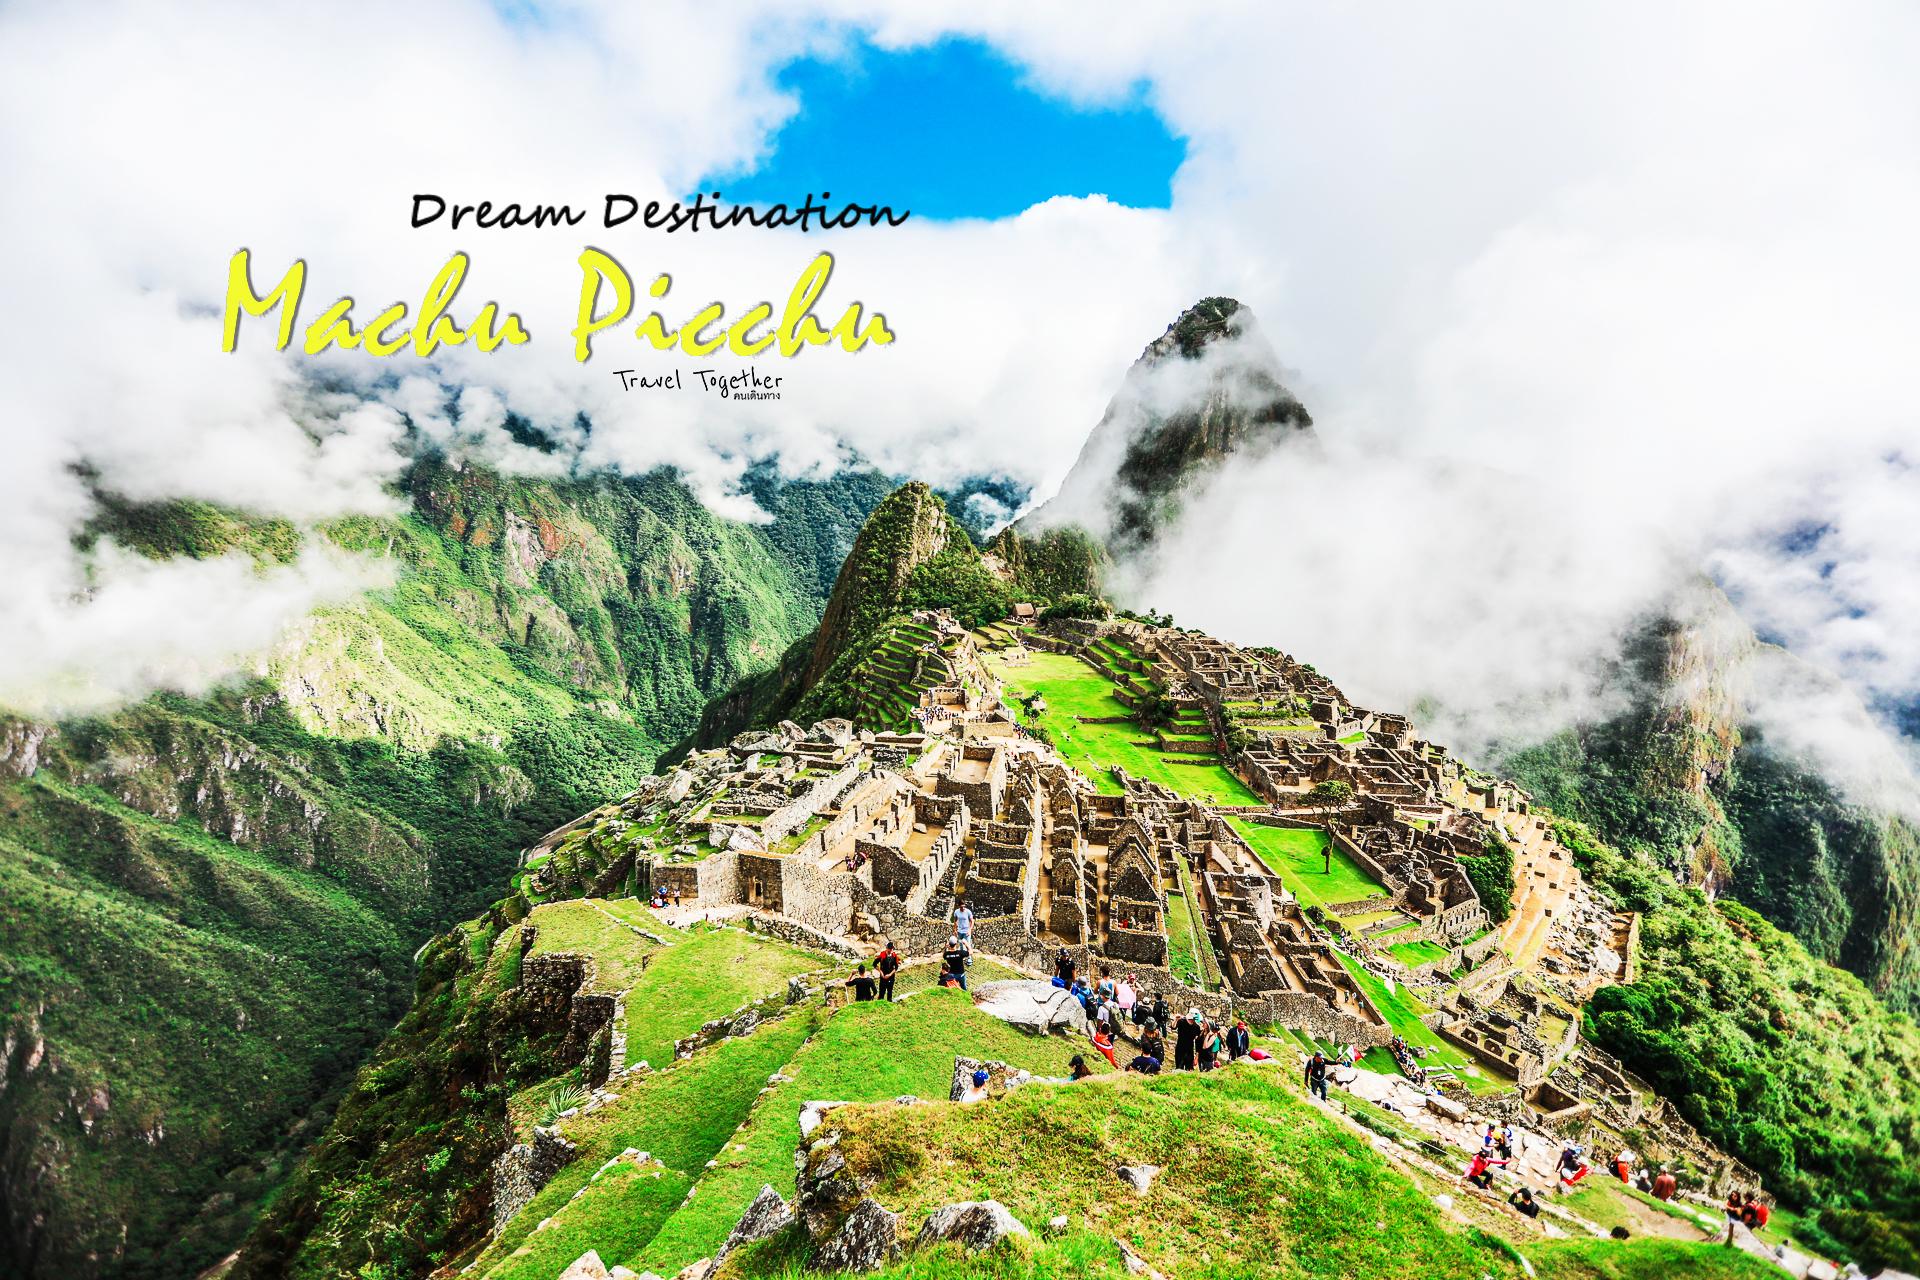 ไปมาแล้ว Machu Picchu  เที่ยวระยะสั้น 13 วัน 4 ประเทศ